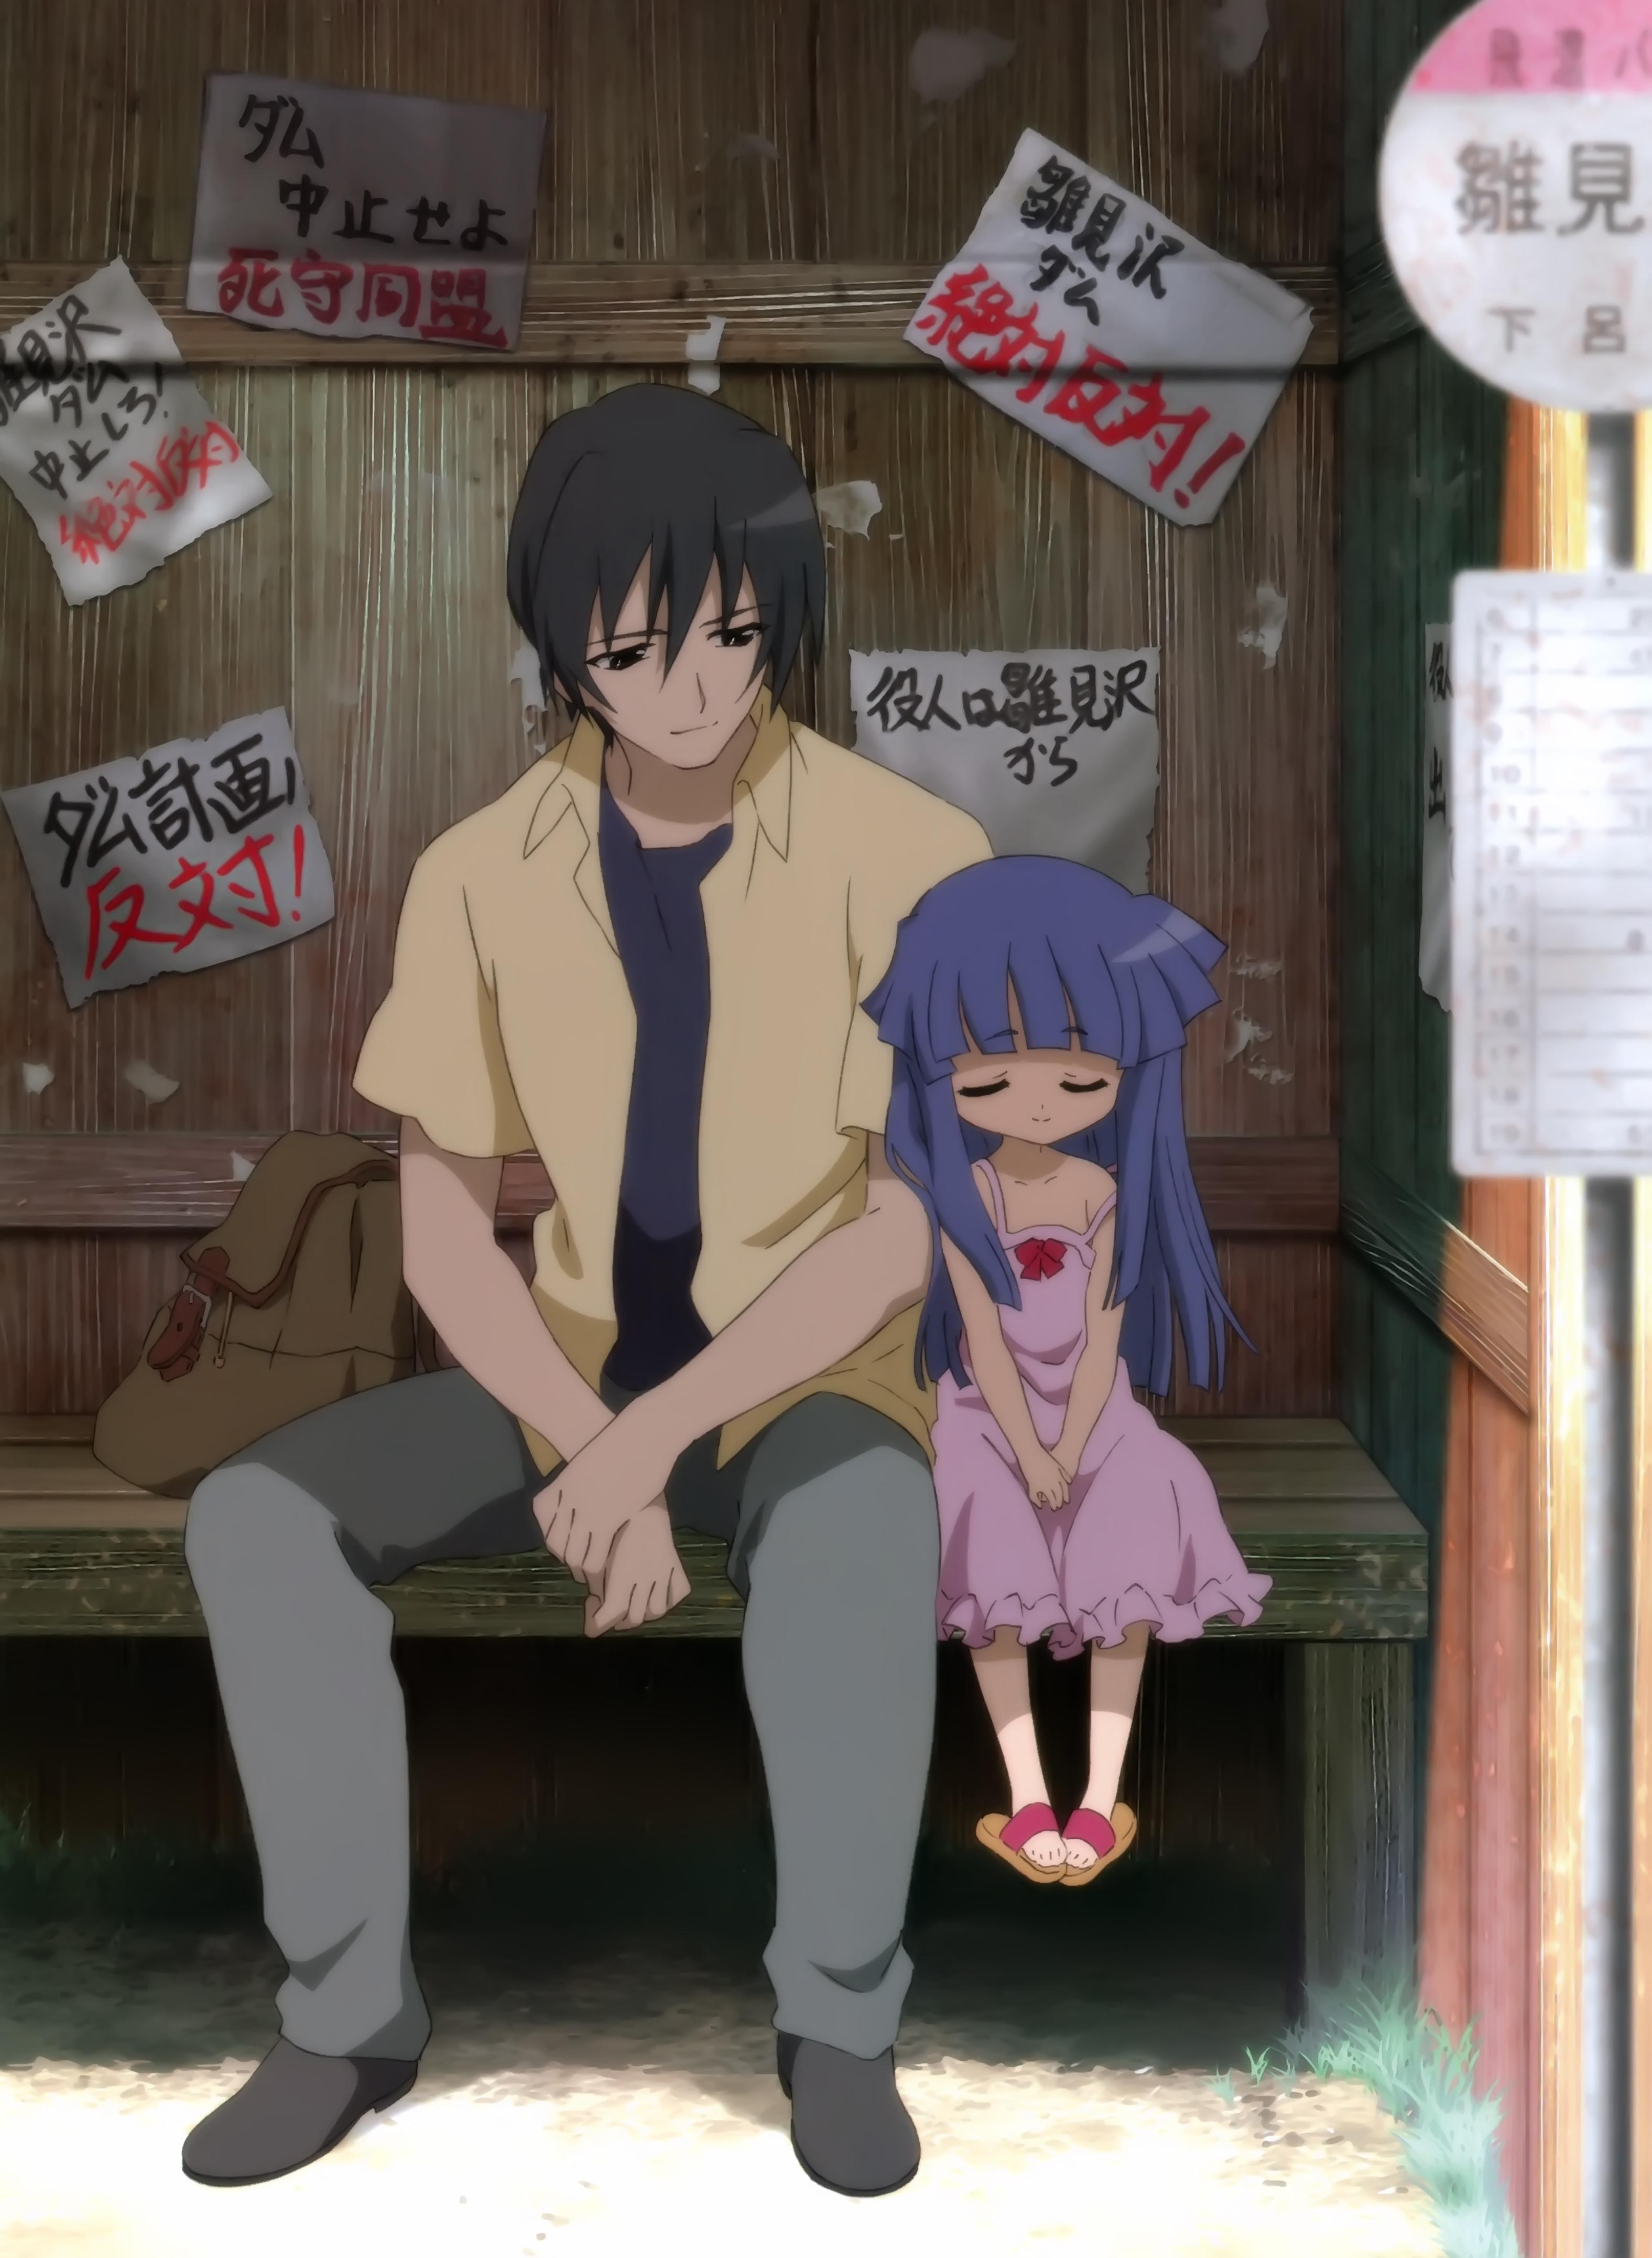 Higurashi No Naku Koro Ni When They Cry Image 273676 Zerochan Anime Image Board